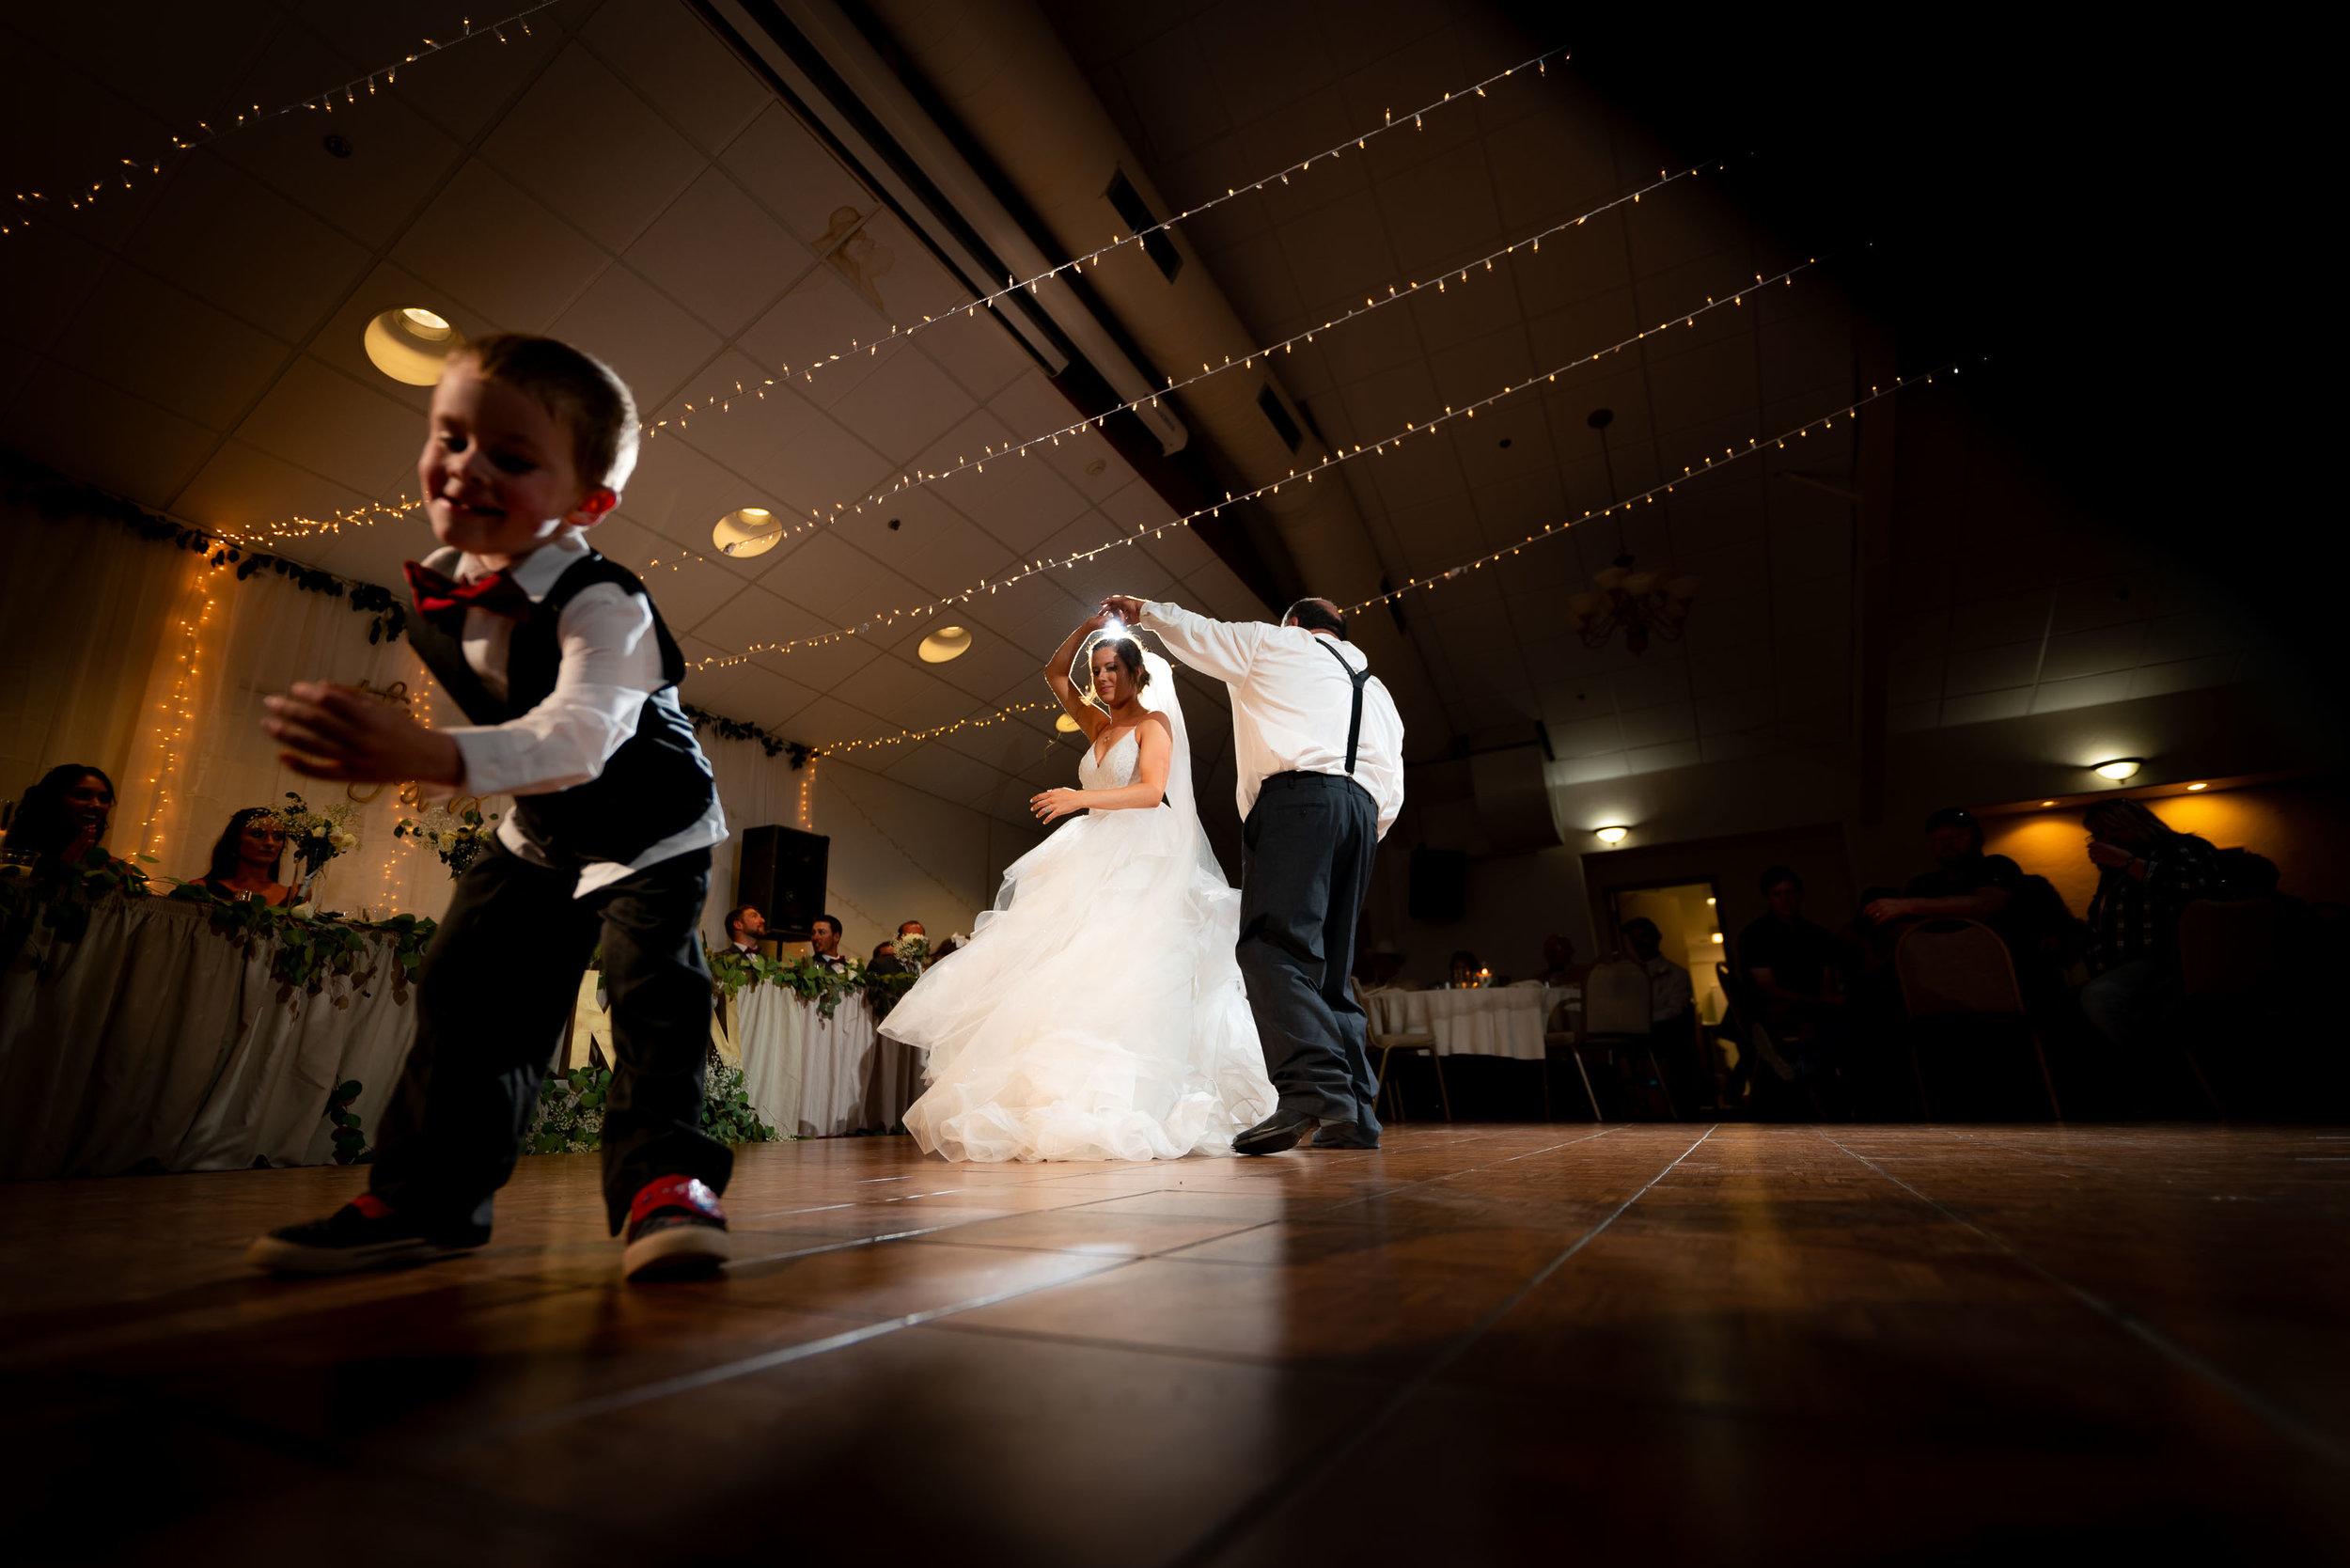 Kelsie_Nick_Ouray_Wedding-213.jpg